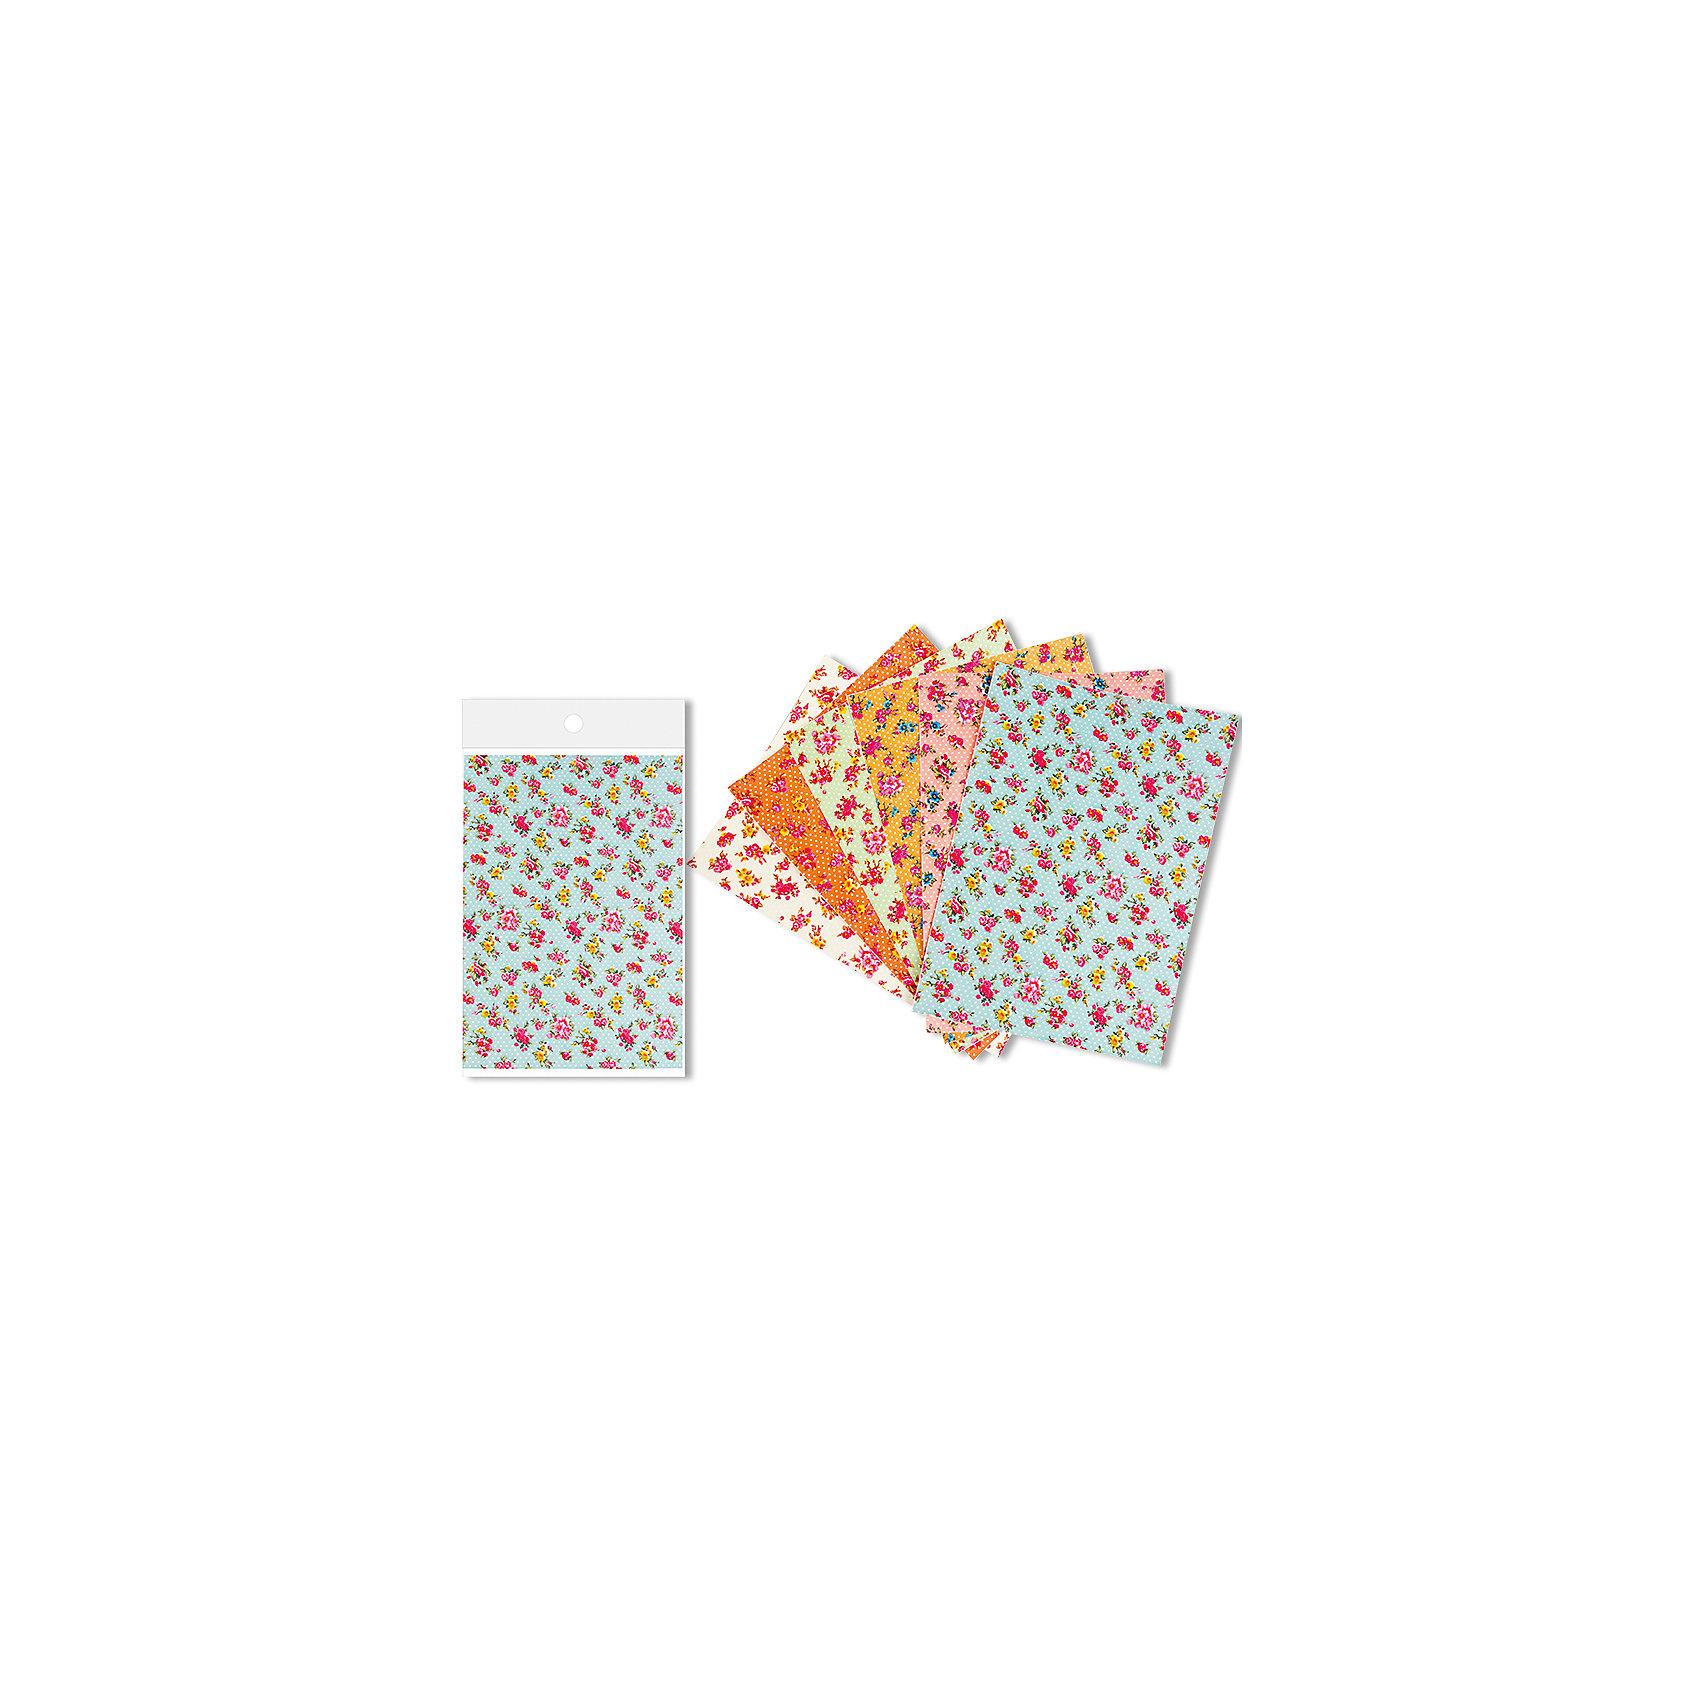 Самоклеящаяся ткань Крупные цветы А4 (1 лист), цвет в ассортиментеСамоклеящаяся ткань Крупные цветы А4 (1 лист), цвет в ассортименте от известного торгового бренда канцелярских товаров и товаров для творчества TUKZAR. Ткань можно использовать для оформления и декорирования ручных поделок, оформления подарочной упаковки или для создания стильных аксессуаров, кроме того данная ткань идеально подойдет для создания аппликаций на детской одежде. <br>Самоклеящаяся ткань Крупные цветы А4 (1 лист), цвет в ассортименте выполнена в высоком качестве, ее отличает устойчивость рисунка и многообразие расцветок.<br><br>Дополнительная информация:<br><br>- Предназначение: для творческих занятий, оформительских работ и декорирования<br>- Материал: текстиль<br>- Размеры (Д*Ш): 21*30 см<br>- Упаковка: полиэтилен<br><br>Подробнее:<br><br>• Для детей в возрасте: от 5 лет <br>• Страна производитель: Китай<br>• Торговый бренд: TUKZAR<br><br>Самоклеящаяся ткань Крупные цветы А4 (1 лист), цвет в ассортименте можно купить в нашем интернет-магазине.<br><br>Ширина мм: 210<br>Глубина мм: 300<br>Высота мм: 10<br>Вес г: 100<br>Возраст от месяцев: 36<br>Возраст до месяцев: 192<br>Пол: Женский<br>Возраст: Детский<br>SKU: 5001424